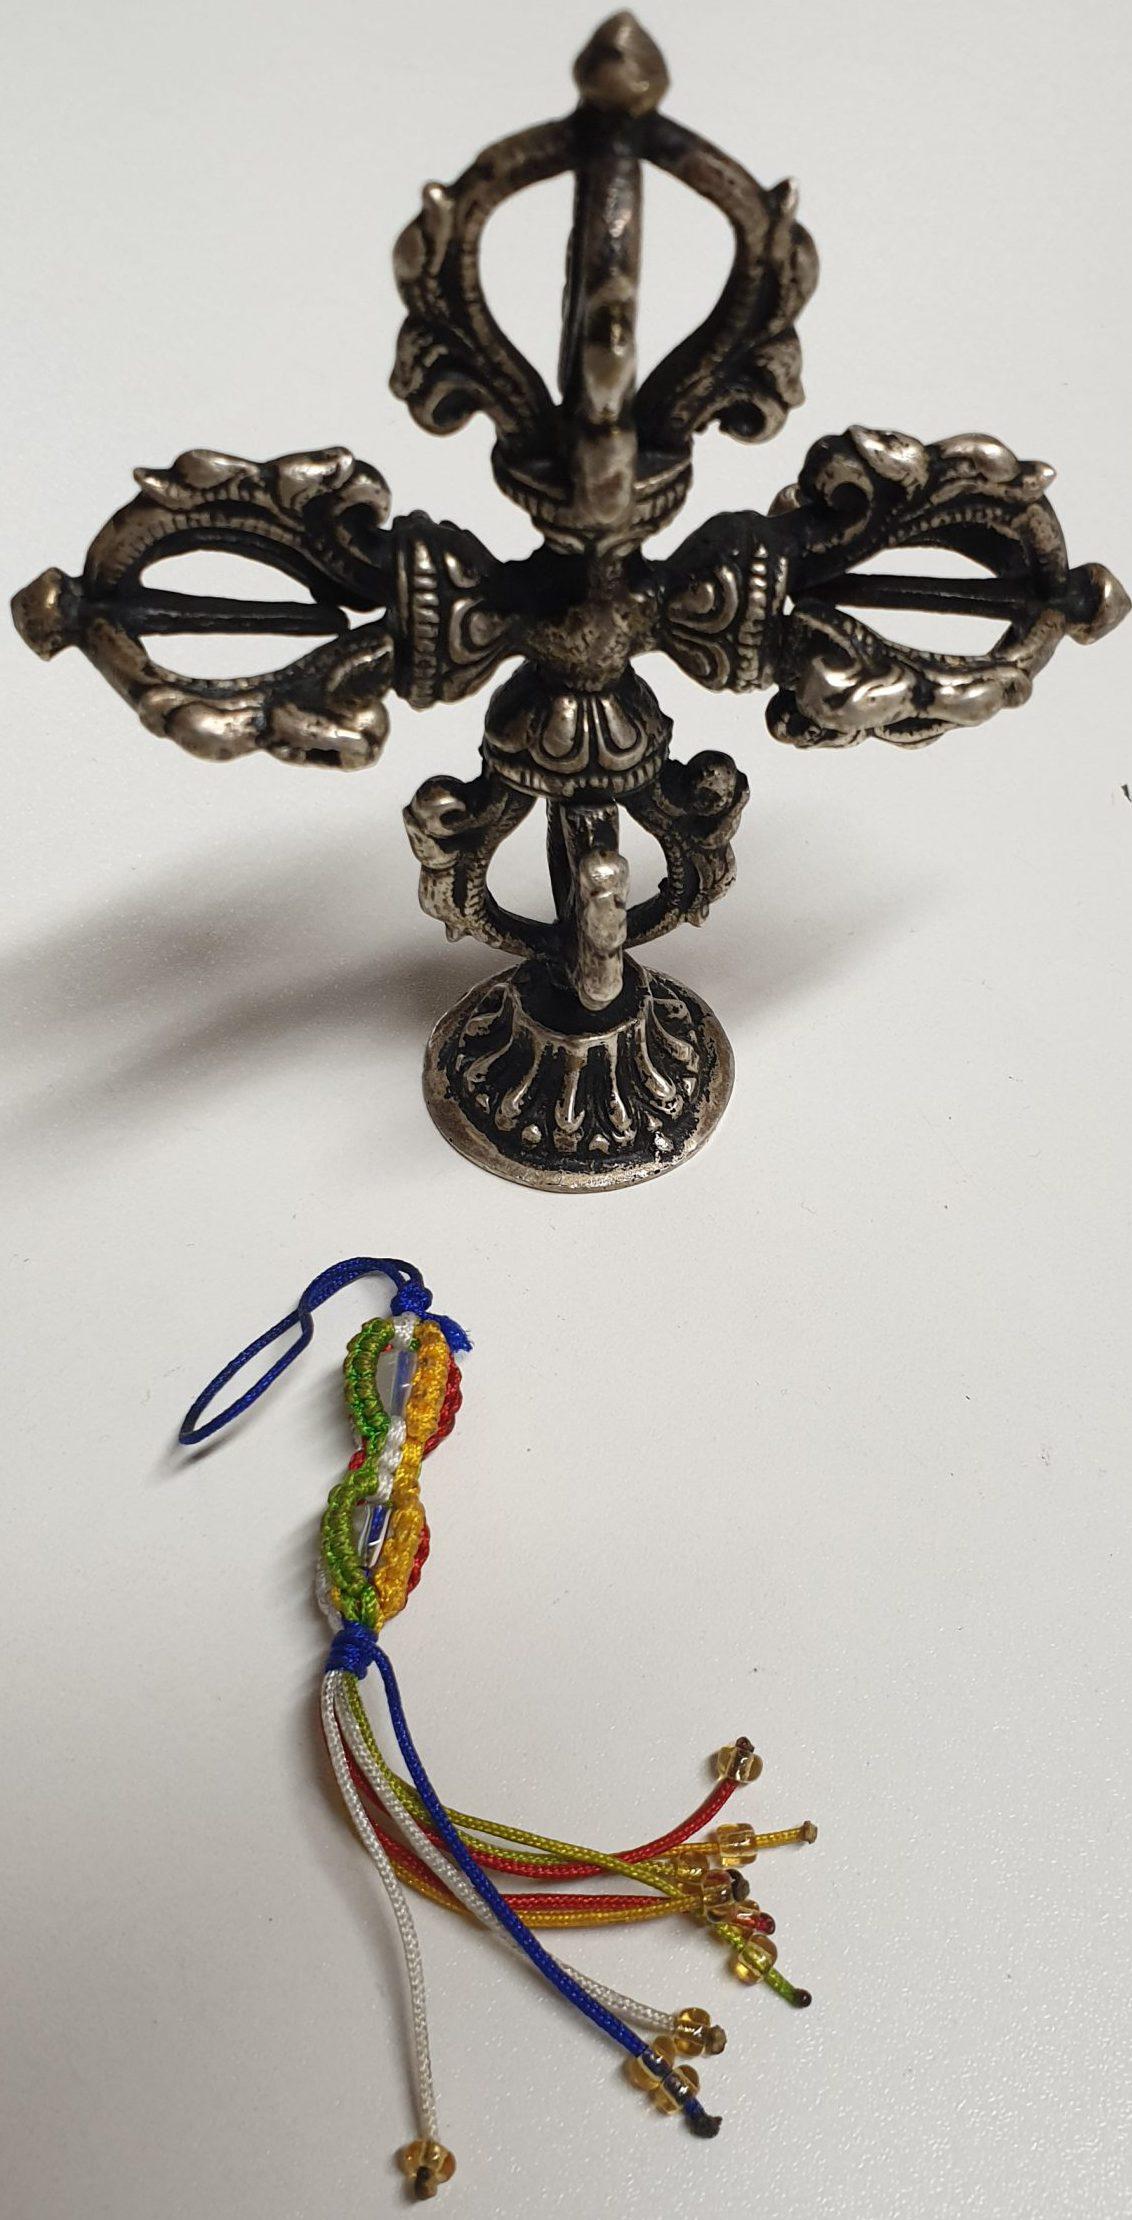 Doppel-Dorje und Dorje geflochten